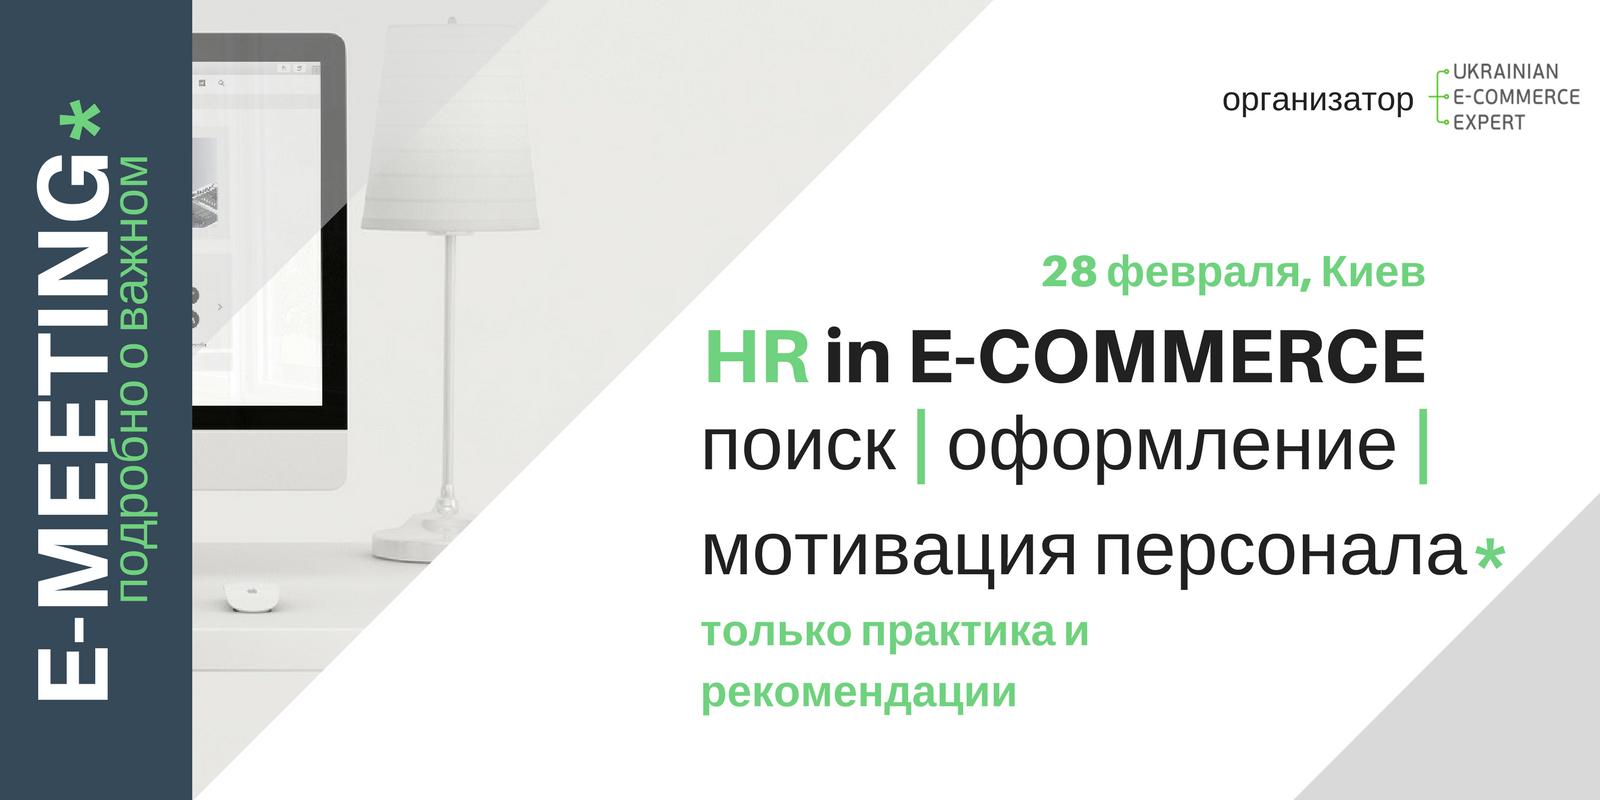 ecomex_picture